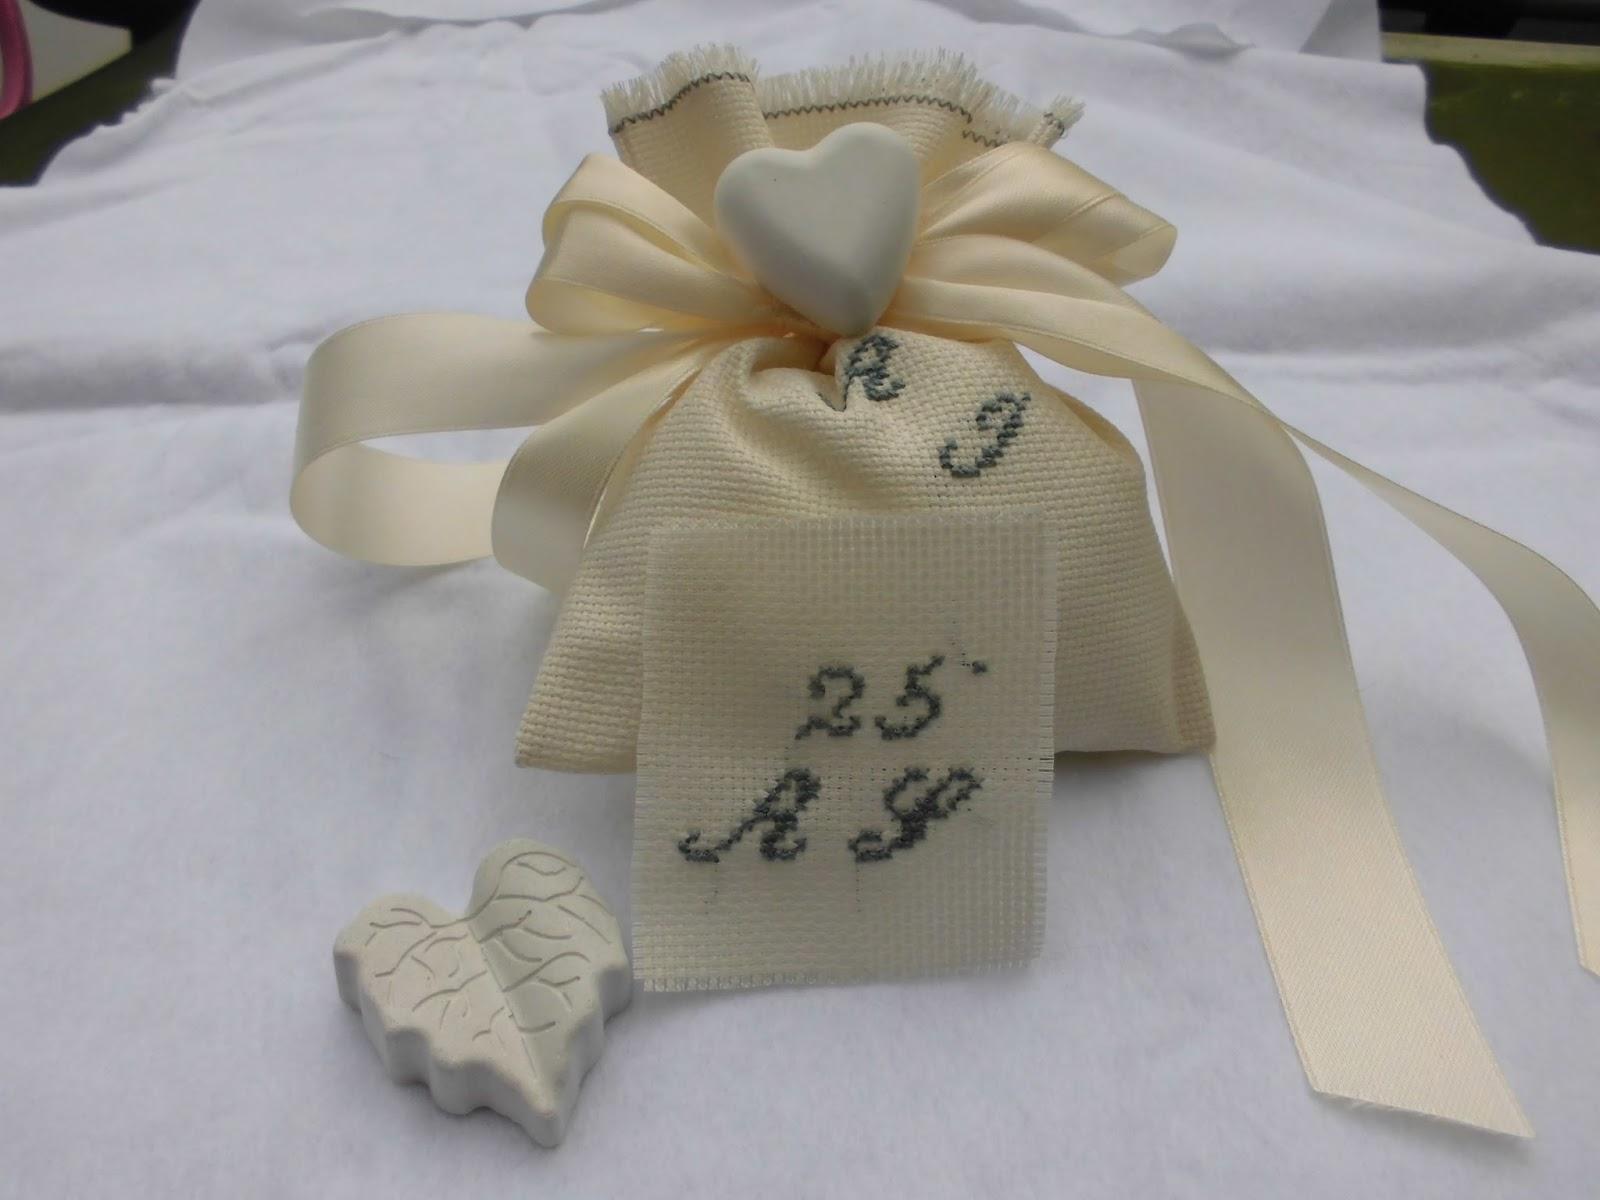 Eccezionale bomboniere ricamate di sara: bomboniera 25 anni di matrimonio DX48